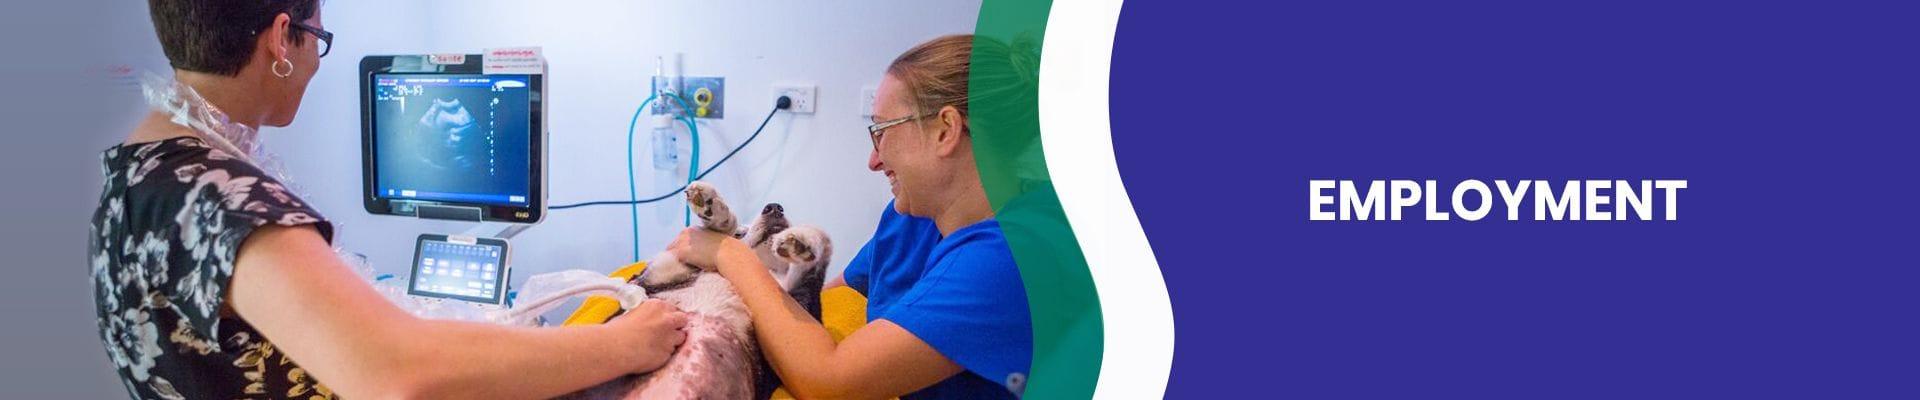 Veterinary Nurse at VSS Carrara | Veterinary employment opportunities